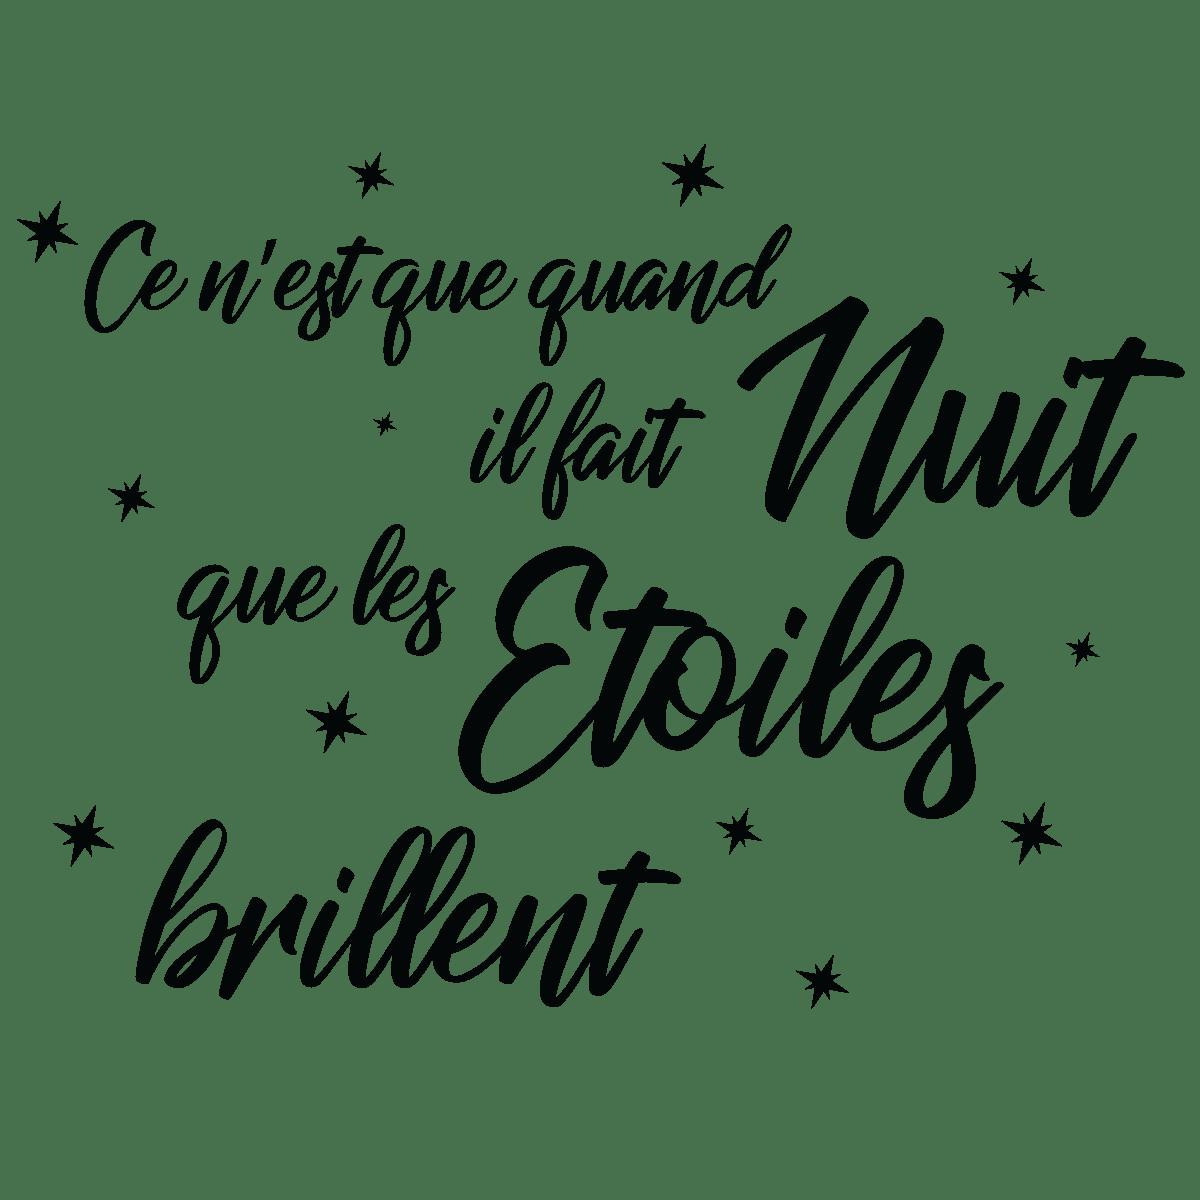 Lit Quotes Wallpaper Sticker Citation Ce N Est Que Quand Il Fait Nuit